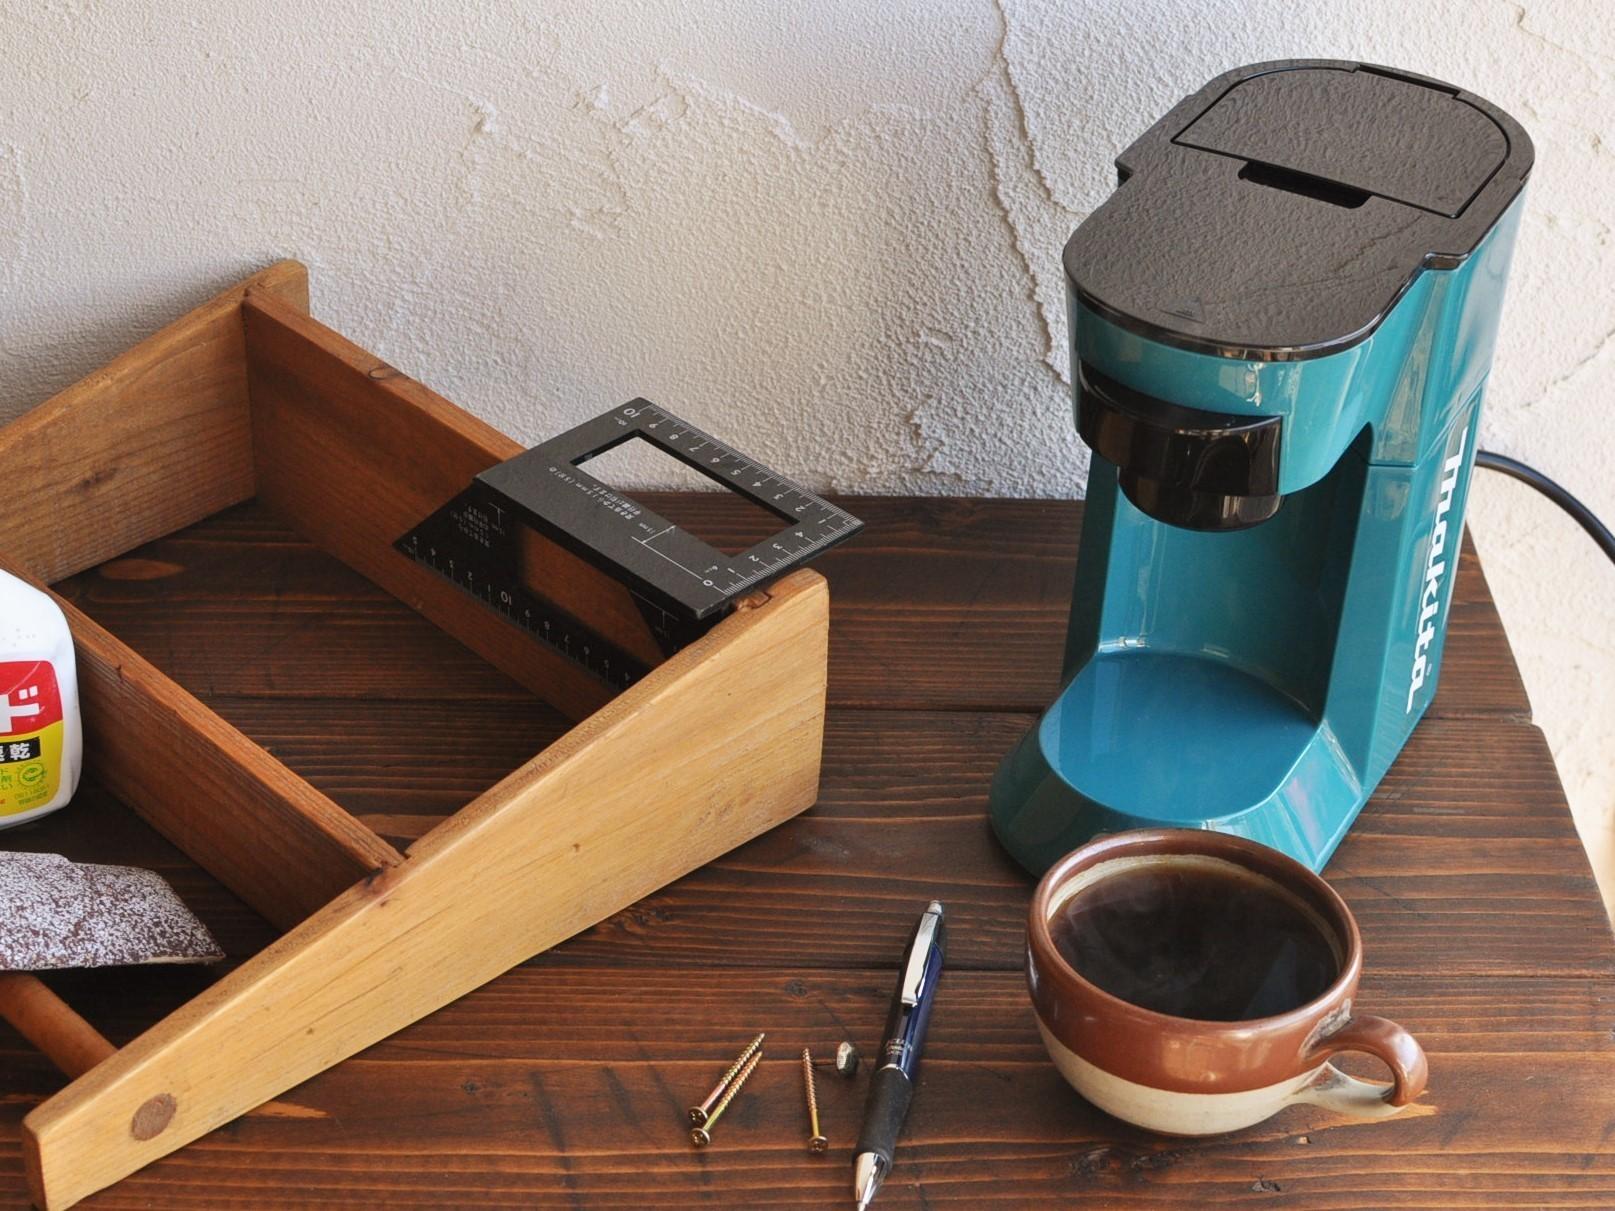 国内トップの電動工具メーカーが作ったコーヒーメーカーが、実は隠れた傑作という話 │マイ定番スタイル